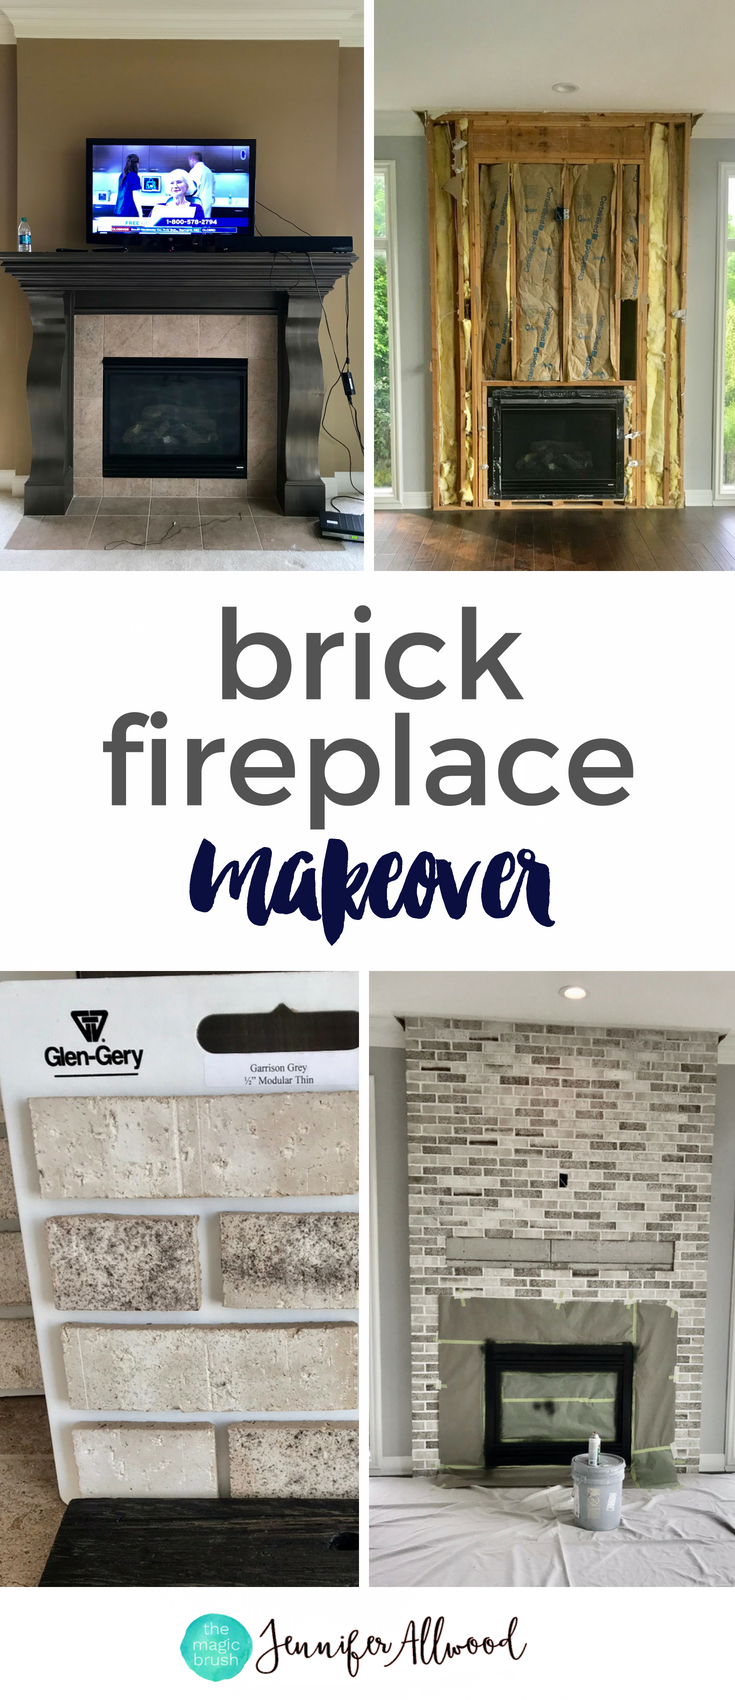 A Light Brick Fireplace Makeover By Jennifer Allwood The M